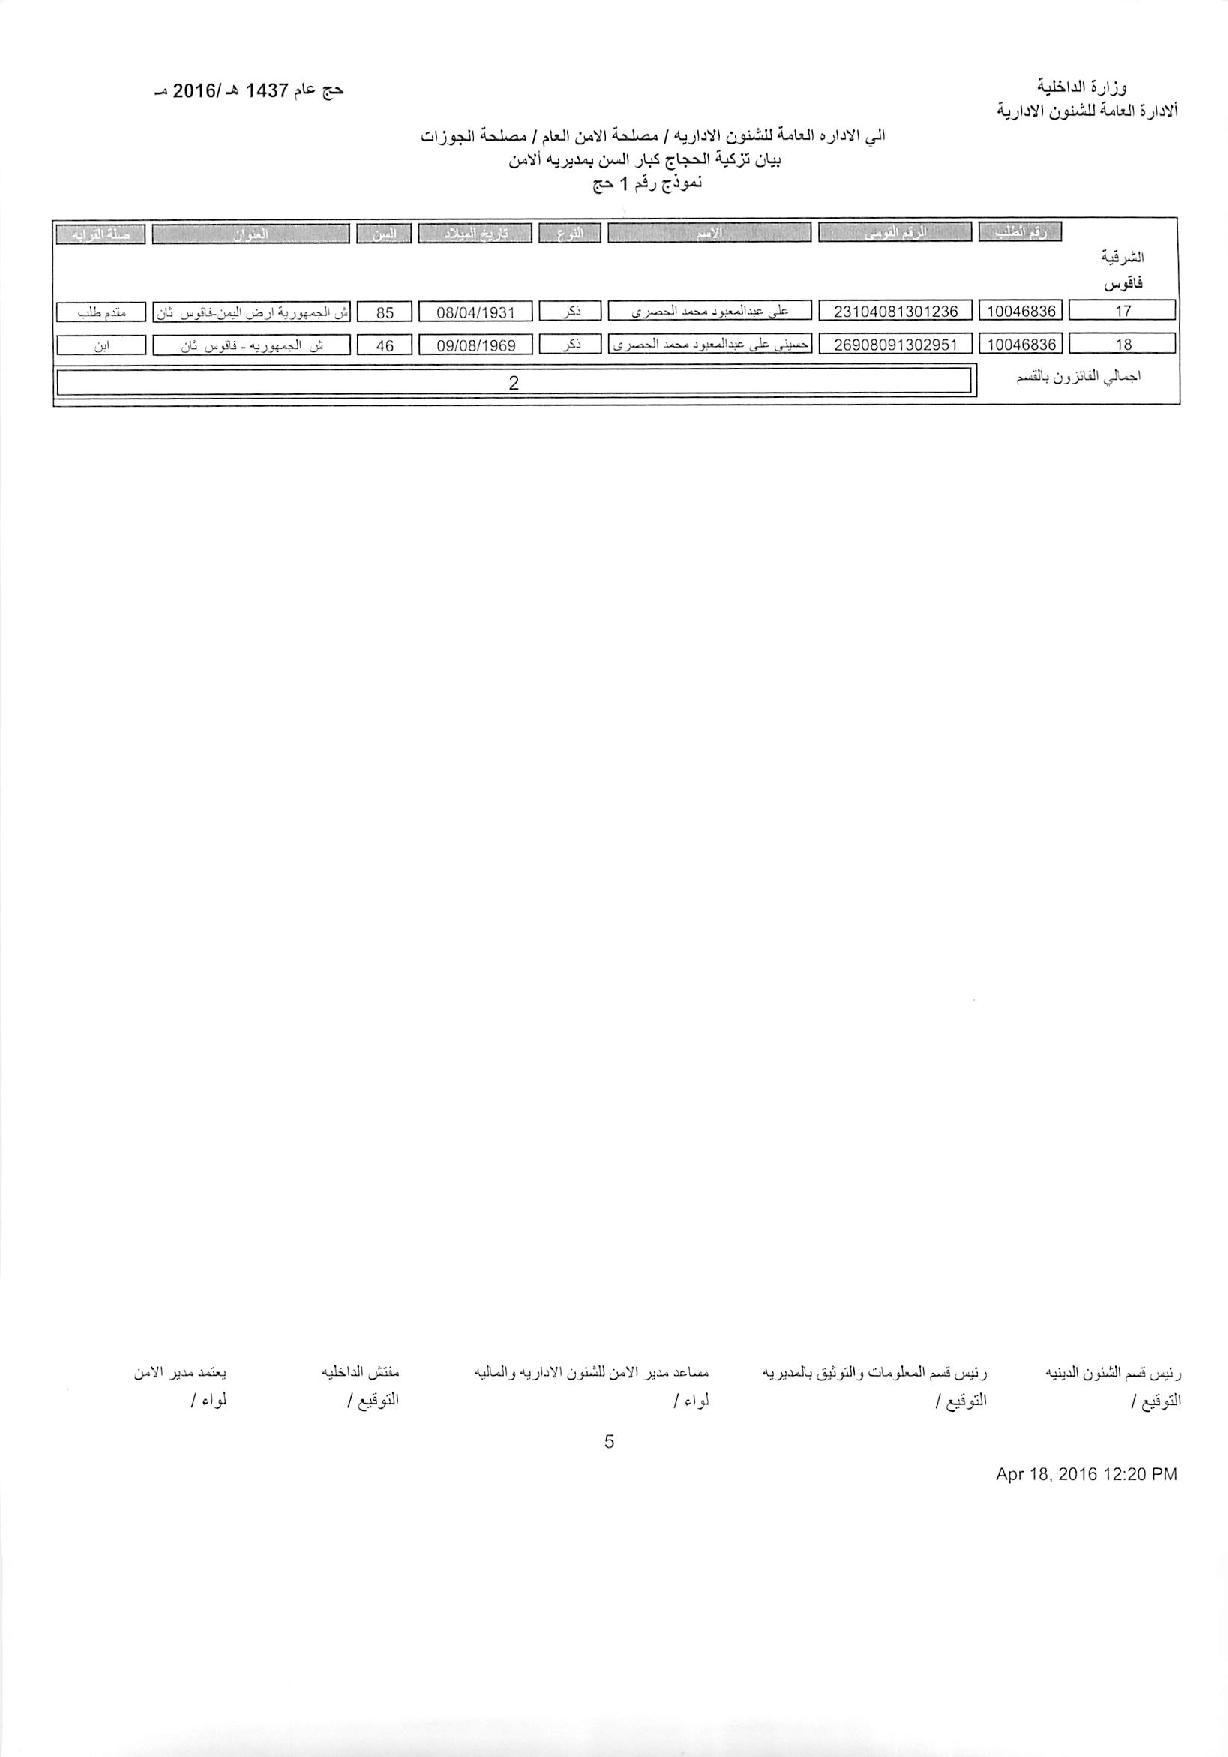 اسماء الحجاج الفائزون بالقرعة لعام 1437هـ 2016م (7)